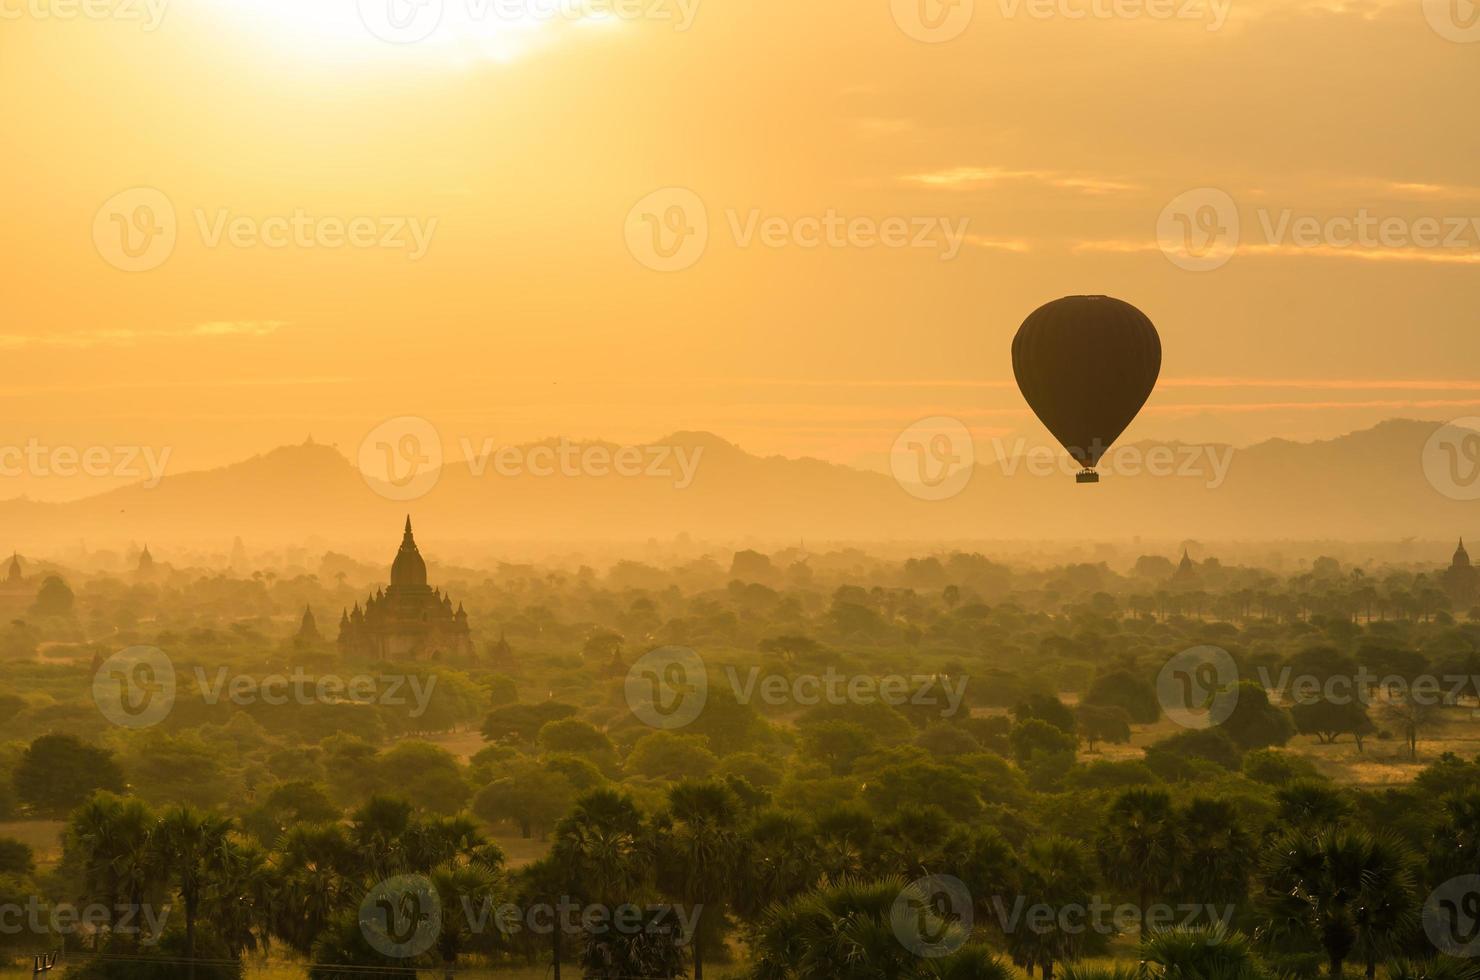 die alten Tempel von Bagan (heidnisch) mit aufsteigendem Ballon foto